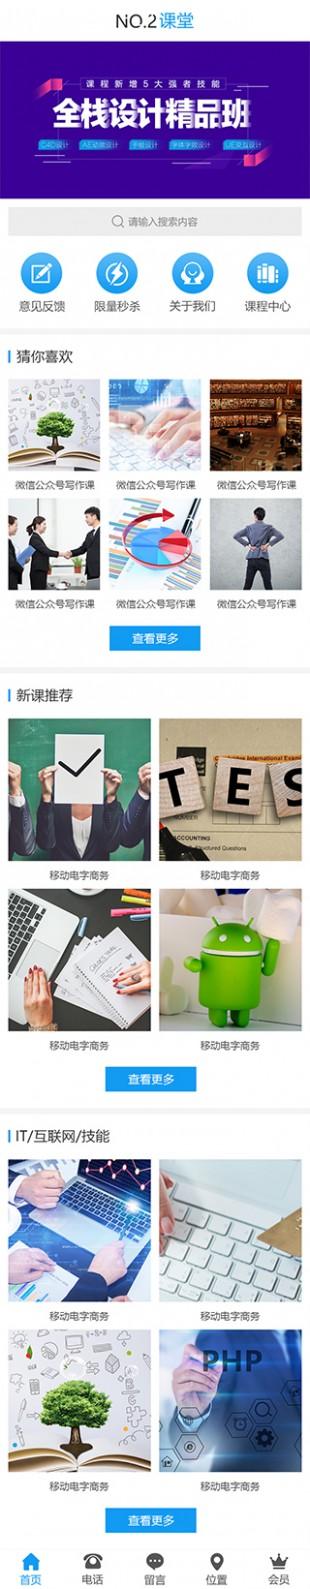 在线教育网站建设模板手机图片